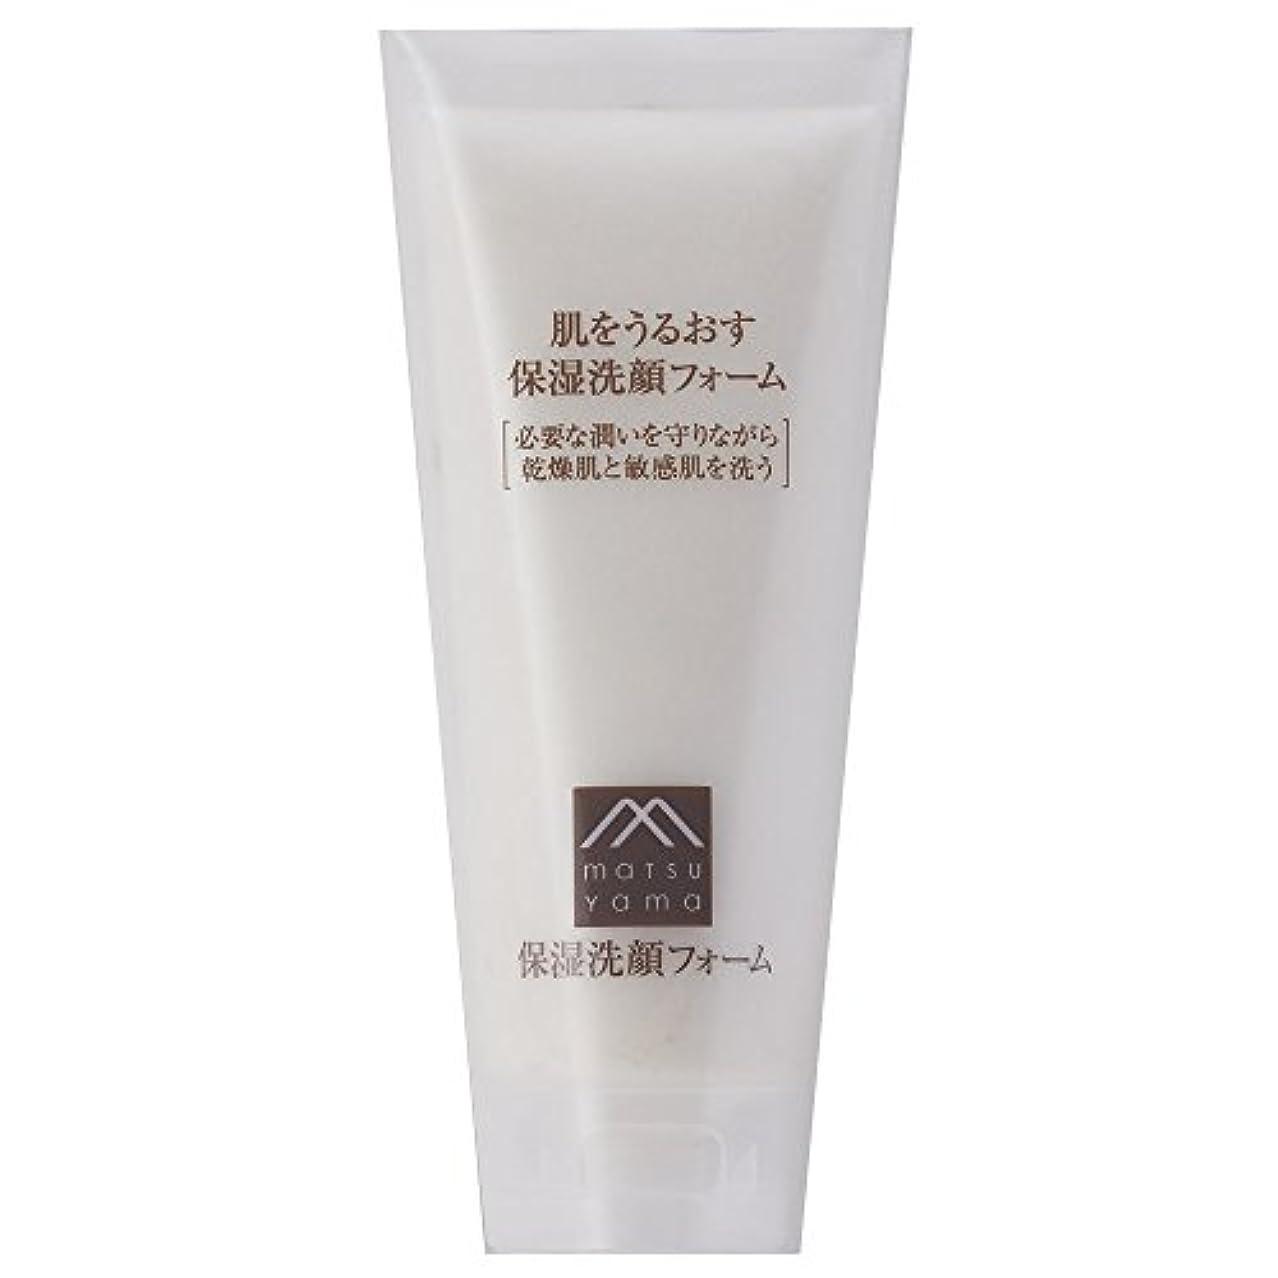 神経障害協定優れました肌をうるおす保湿洗顔フォーム(洗顔料) [乾燥肌 敏感肌]